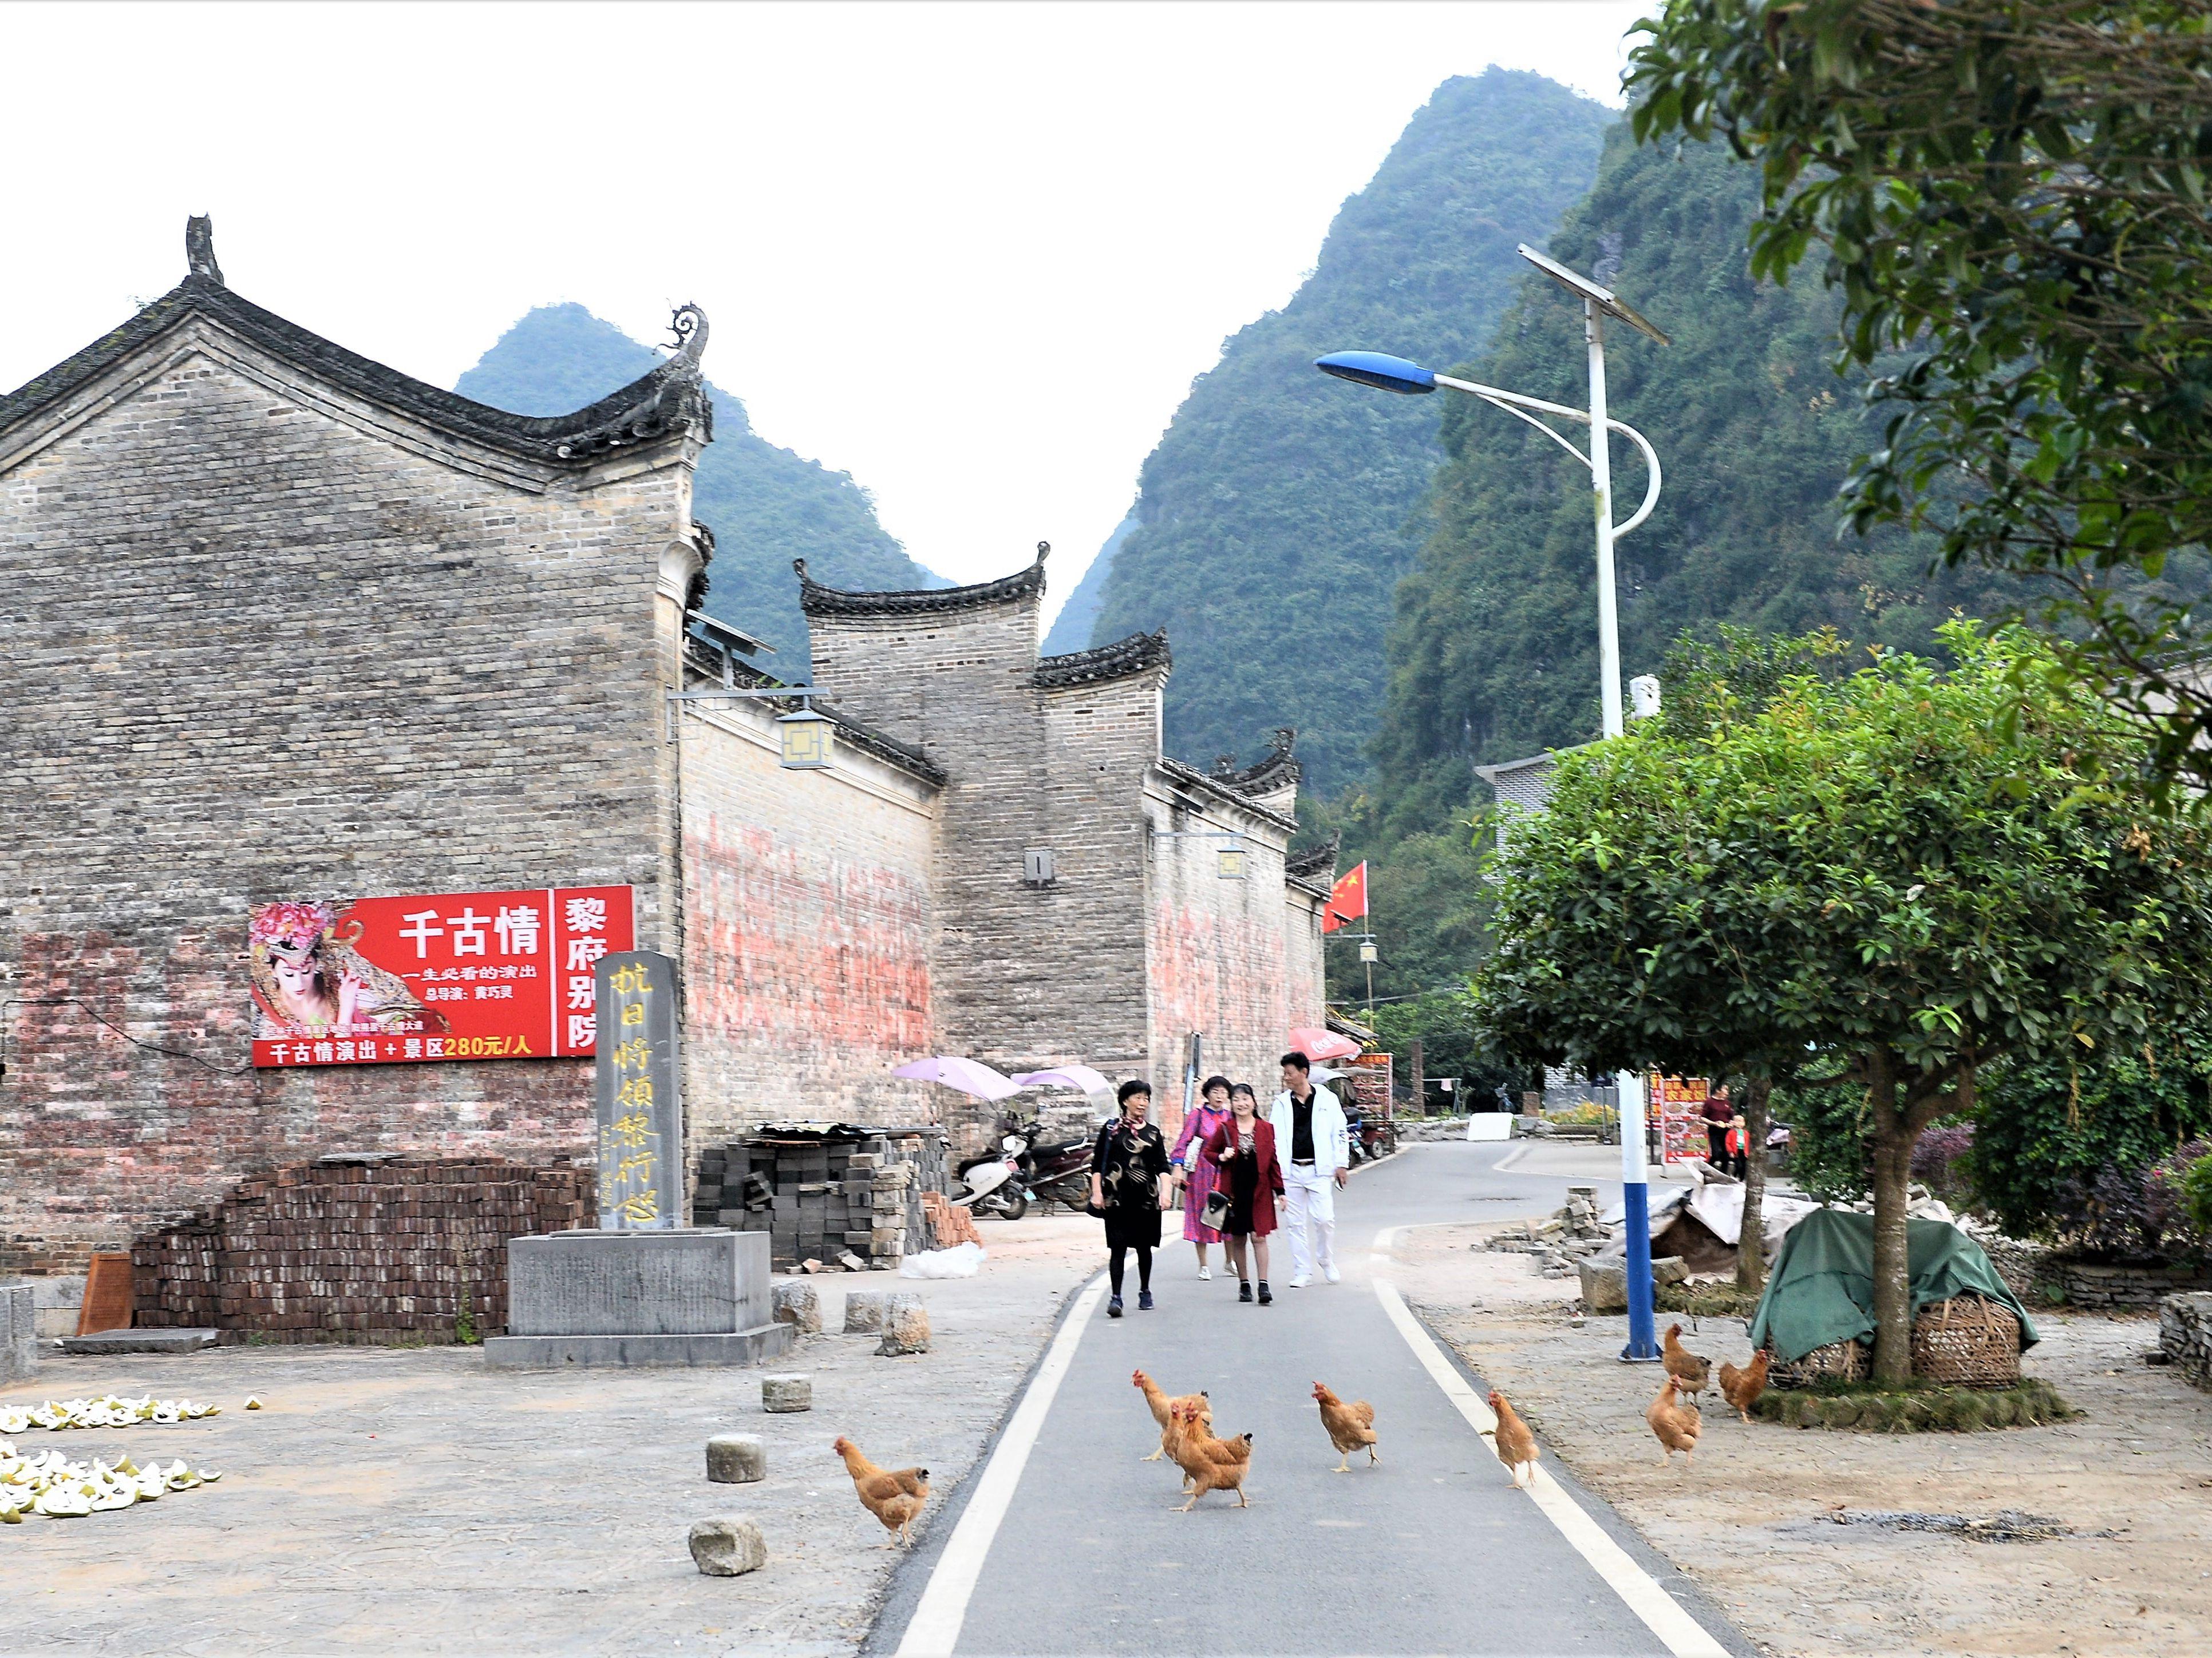 游客在旧县村体验乡村风情